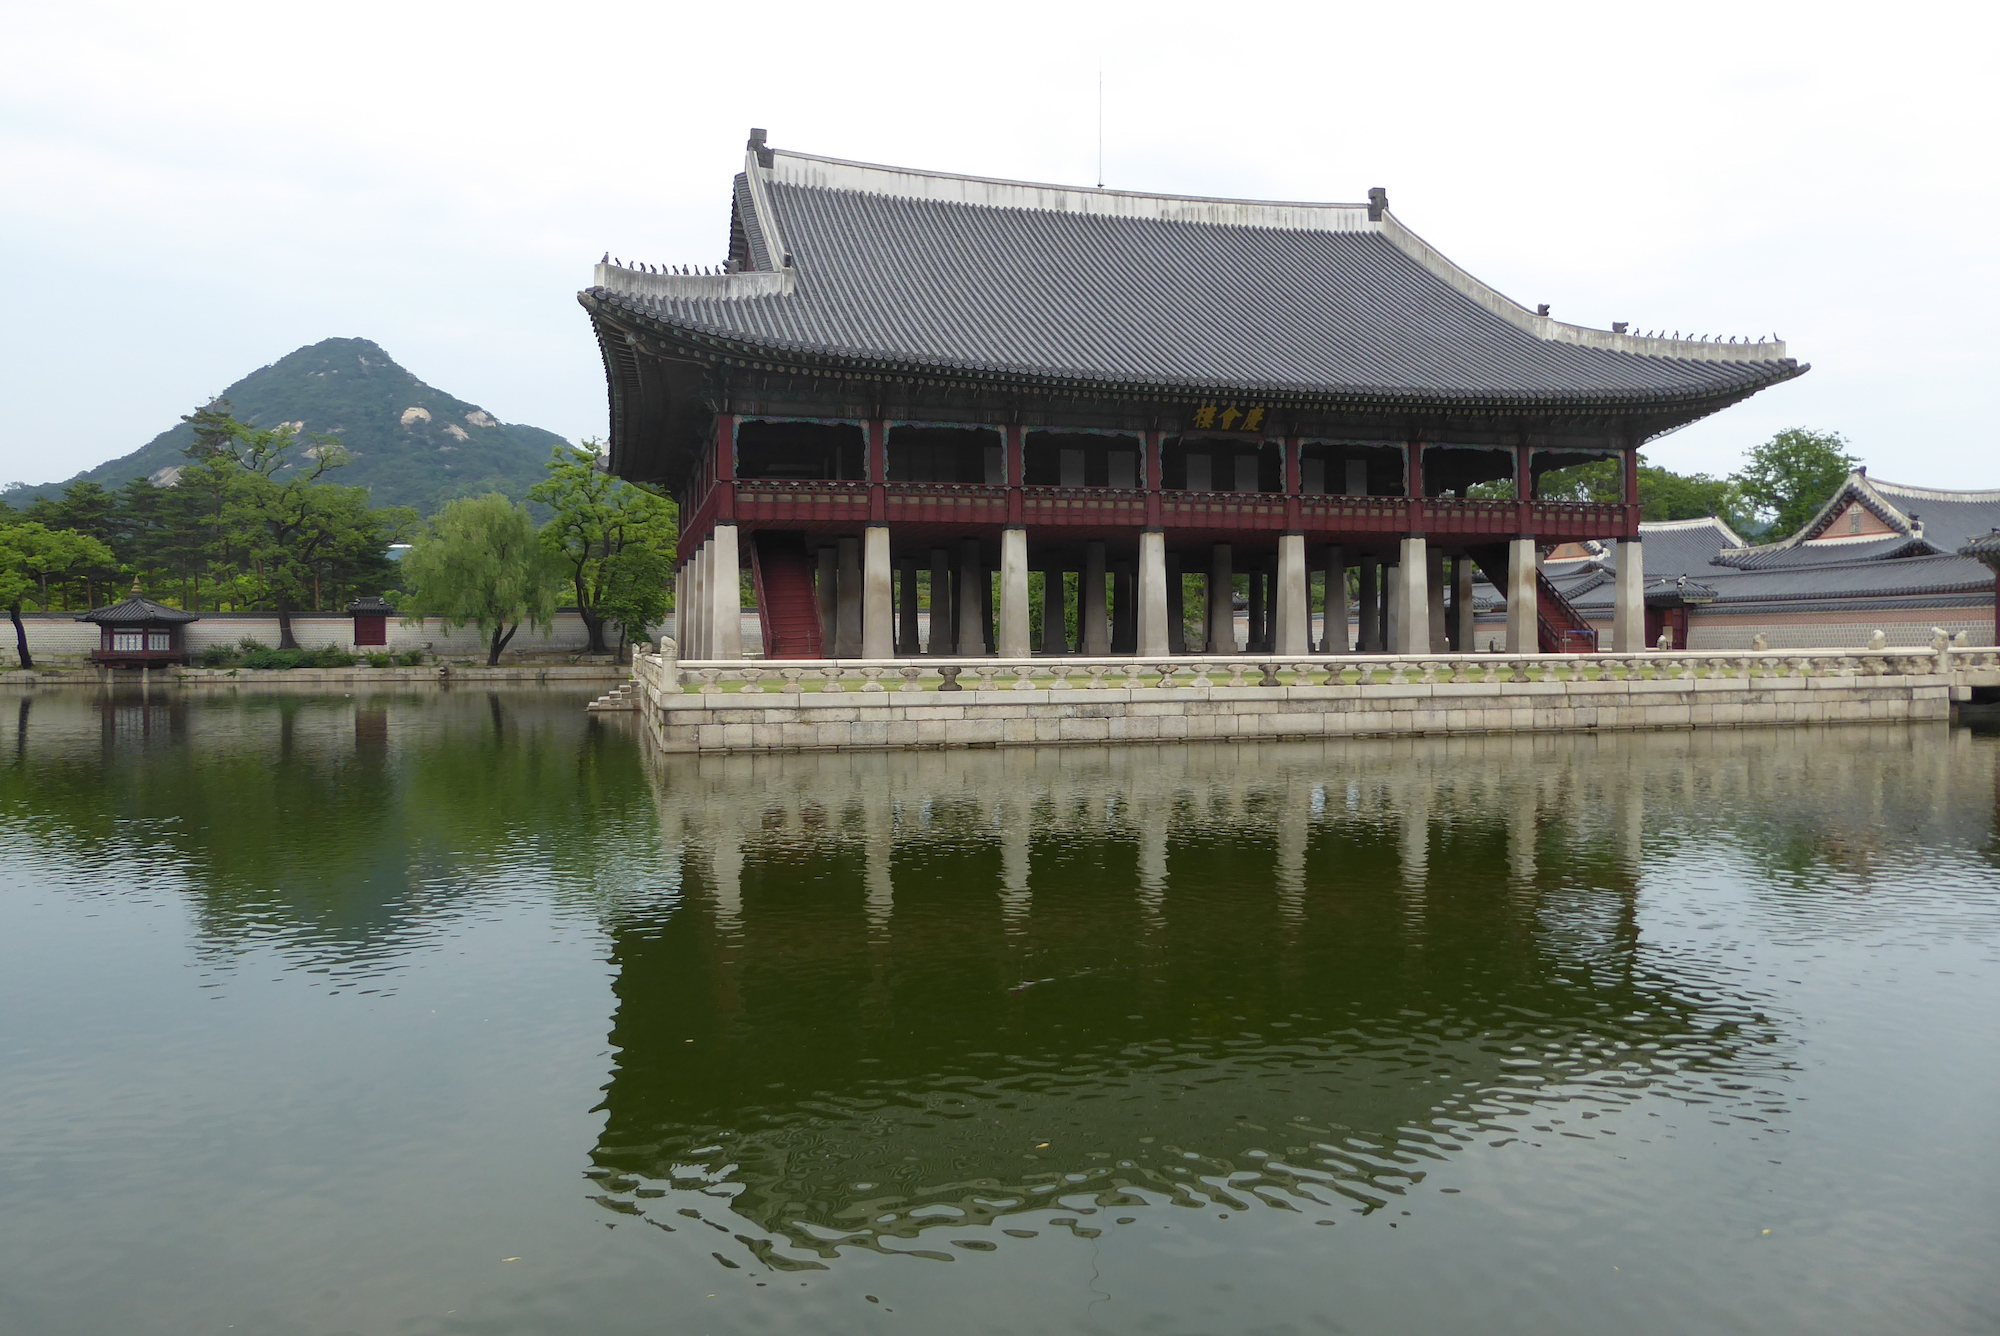 Coreeseoul00062